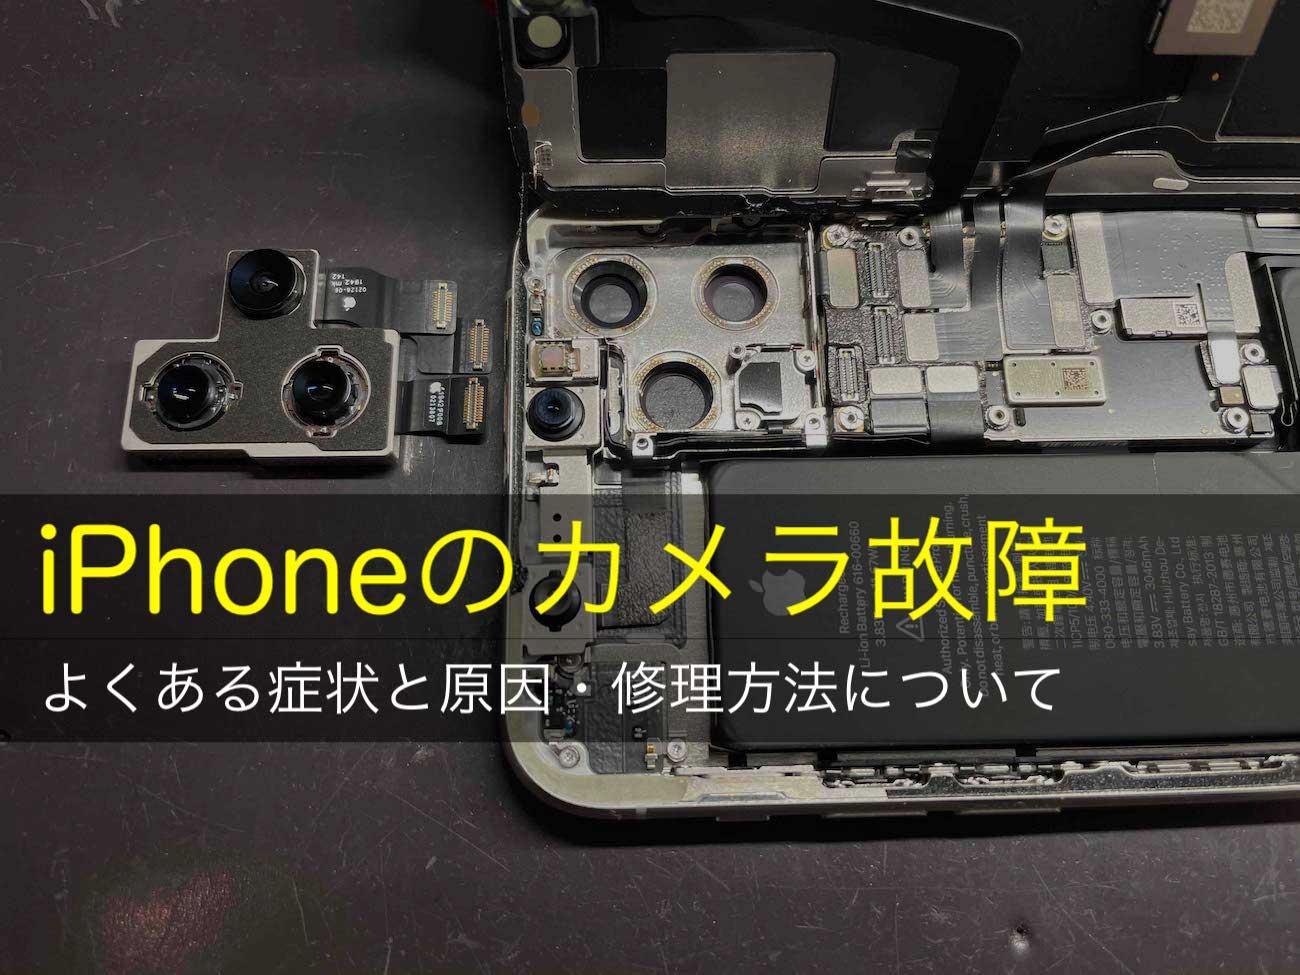 iPhoneのカメラが故障!よくある症状と原因・修理方法について